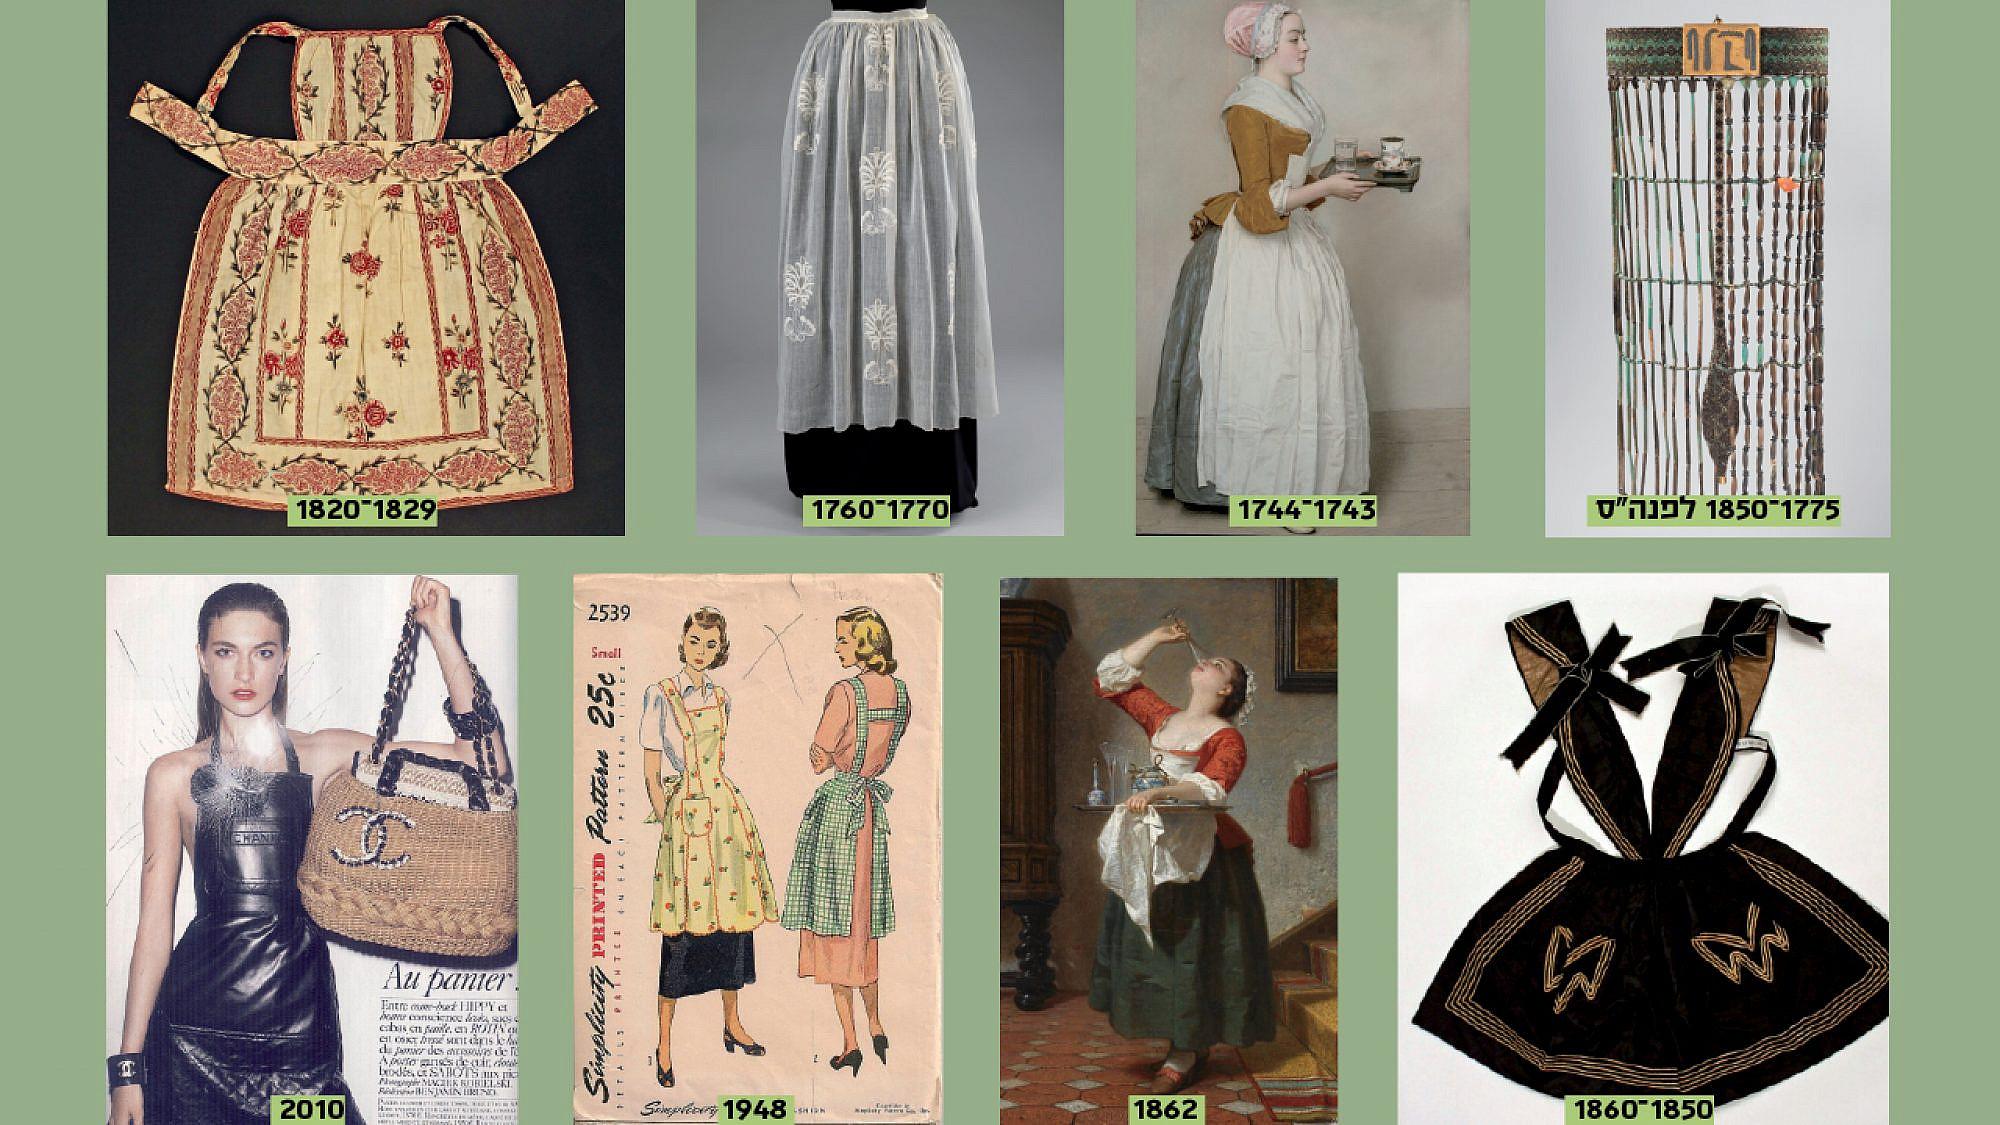 קשר עמוק למגדר, פמיניזם ומחאה (צילום: מוזיאון המטרופוליטן לאמנות, מייצ'ק קוביילסקי לשאנל)